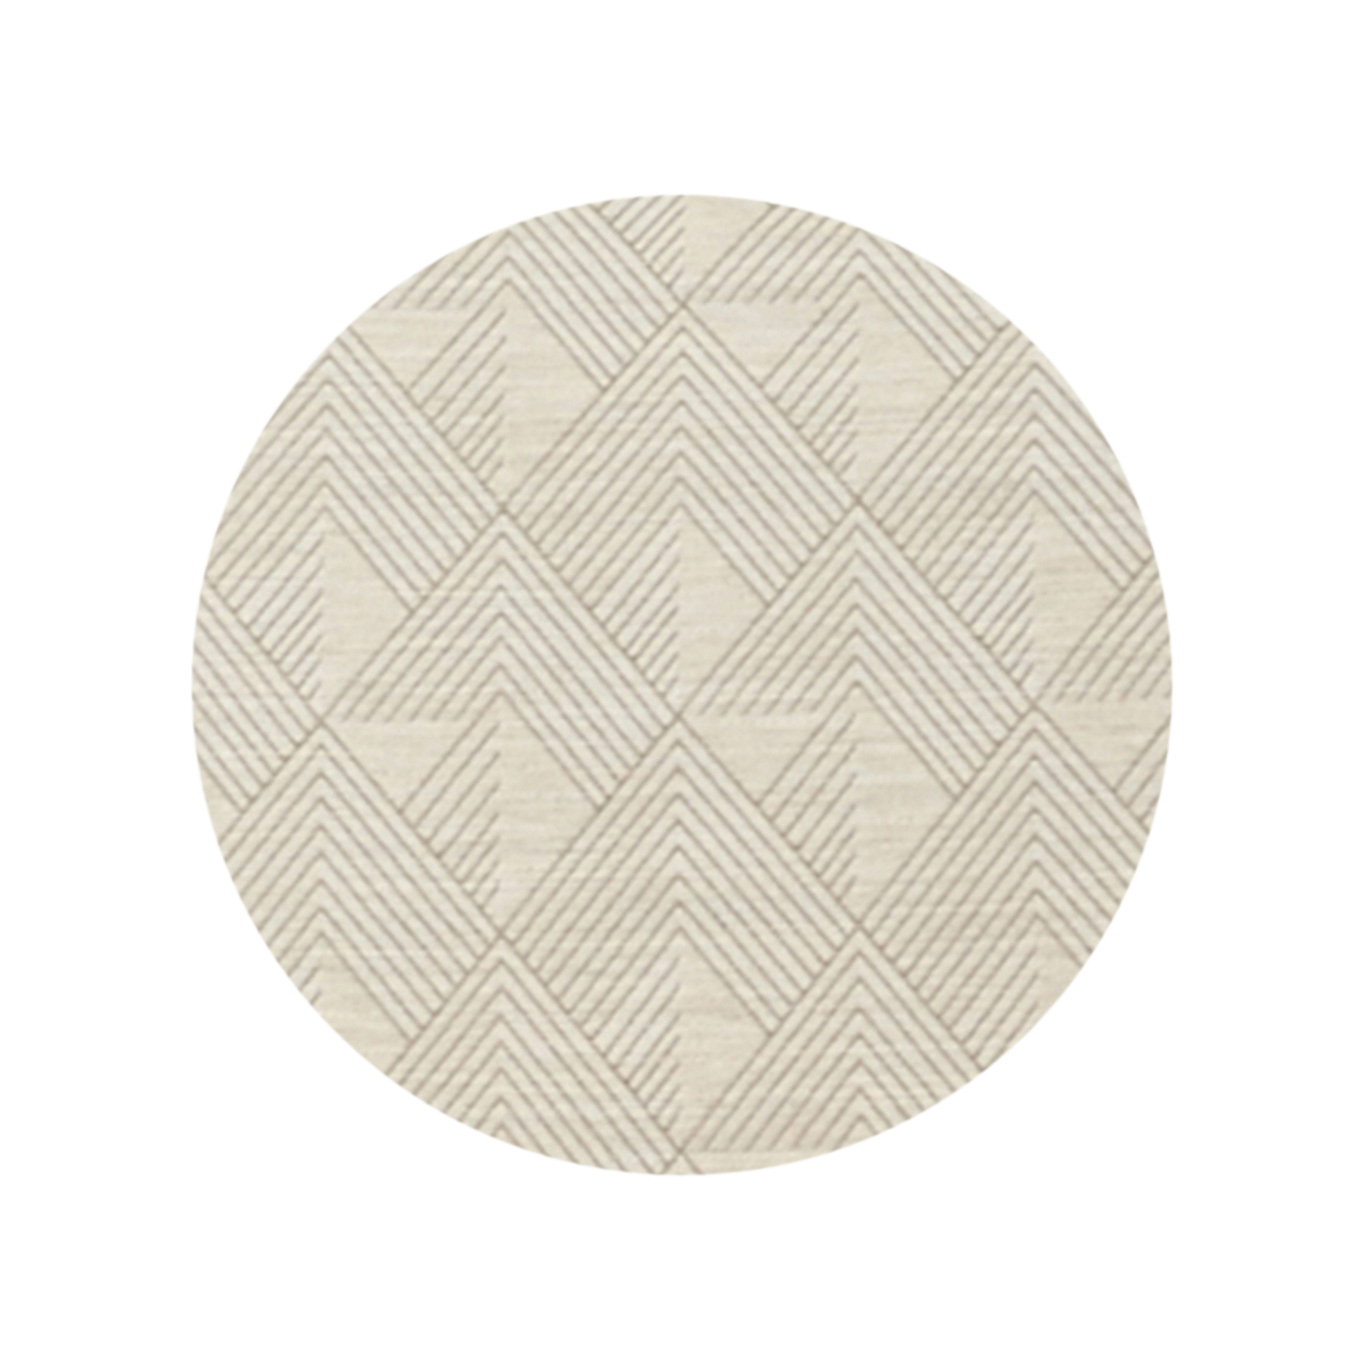 Mosaic Woven - Natural